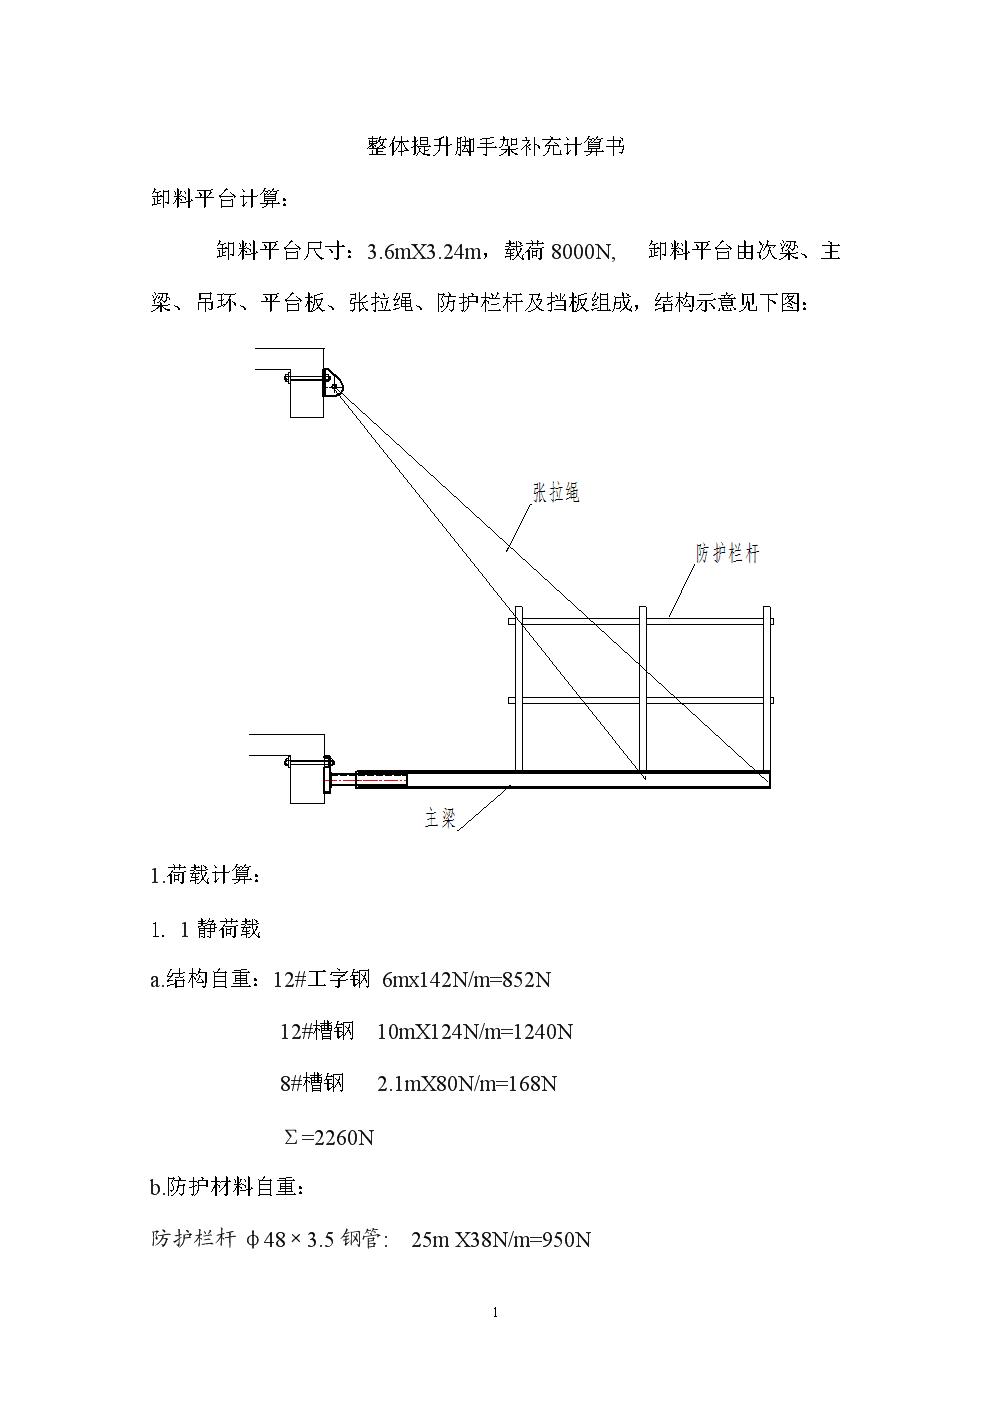 物料平台设计计算2.doc